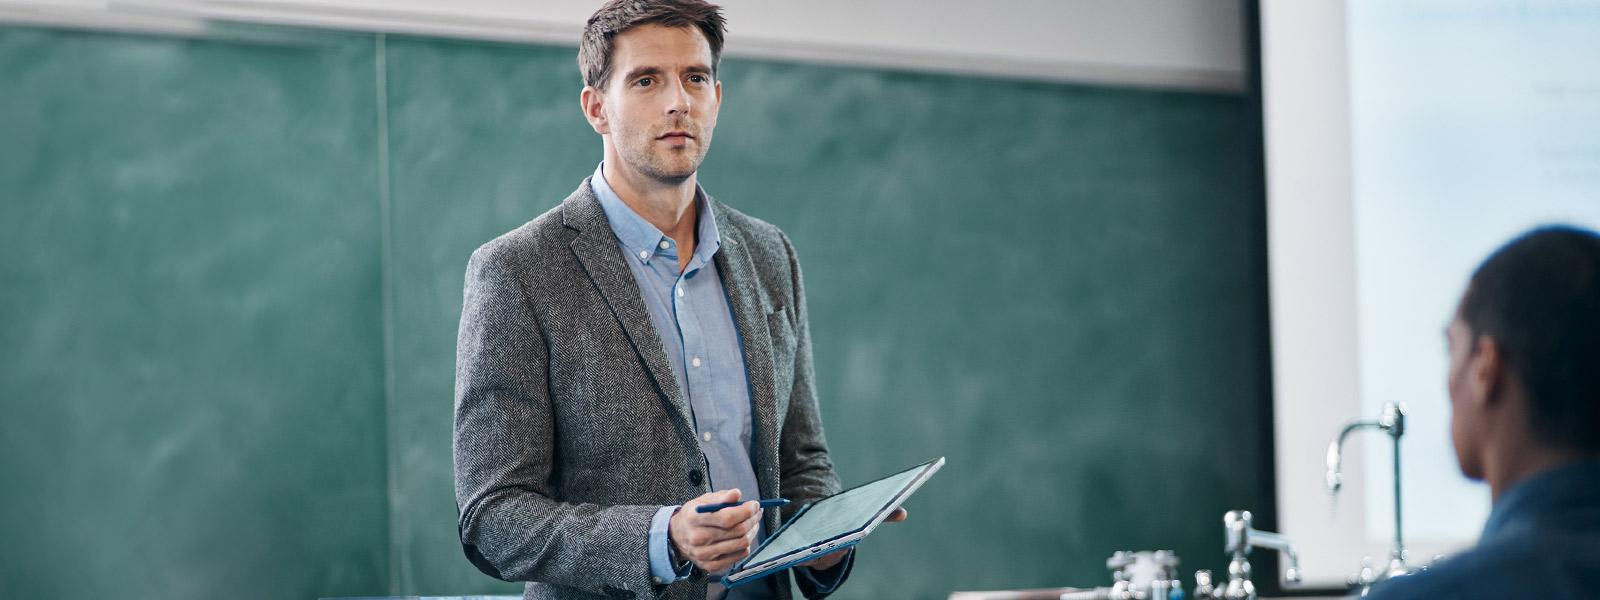 อาจารย์ใช้ Surface Pro 4 ในโหมดแท็บเล็ตขณะสอนหนังสือหน้าชั้นเรียน